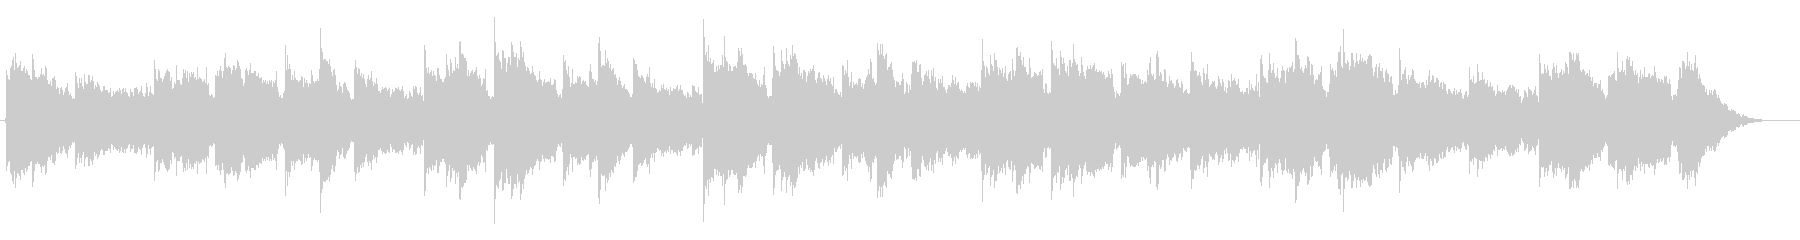 ラブドラムを使ったノスタルジックBGMの未再生の波形